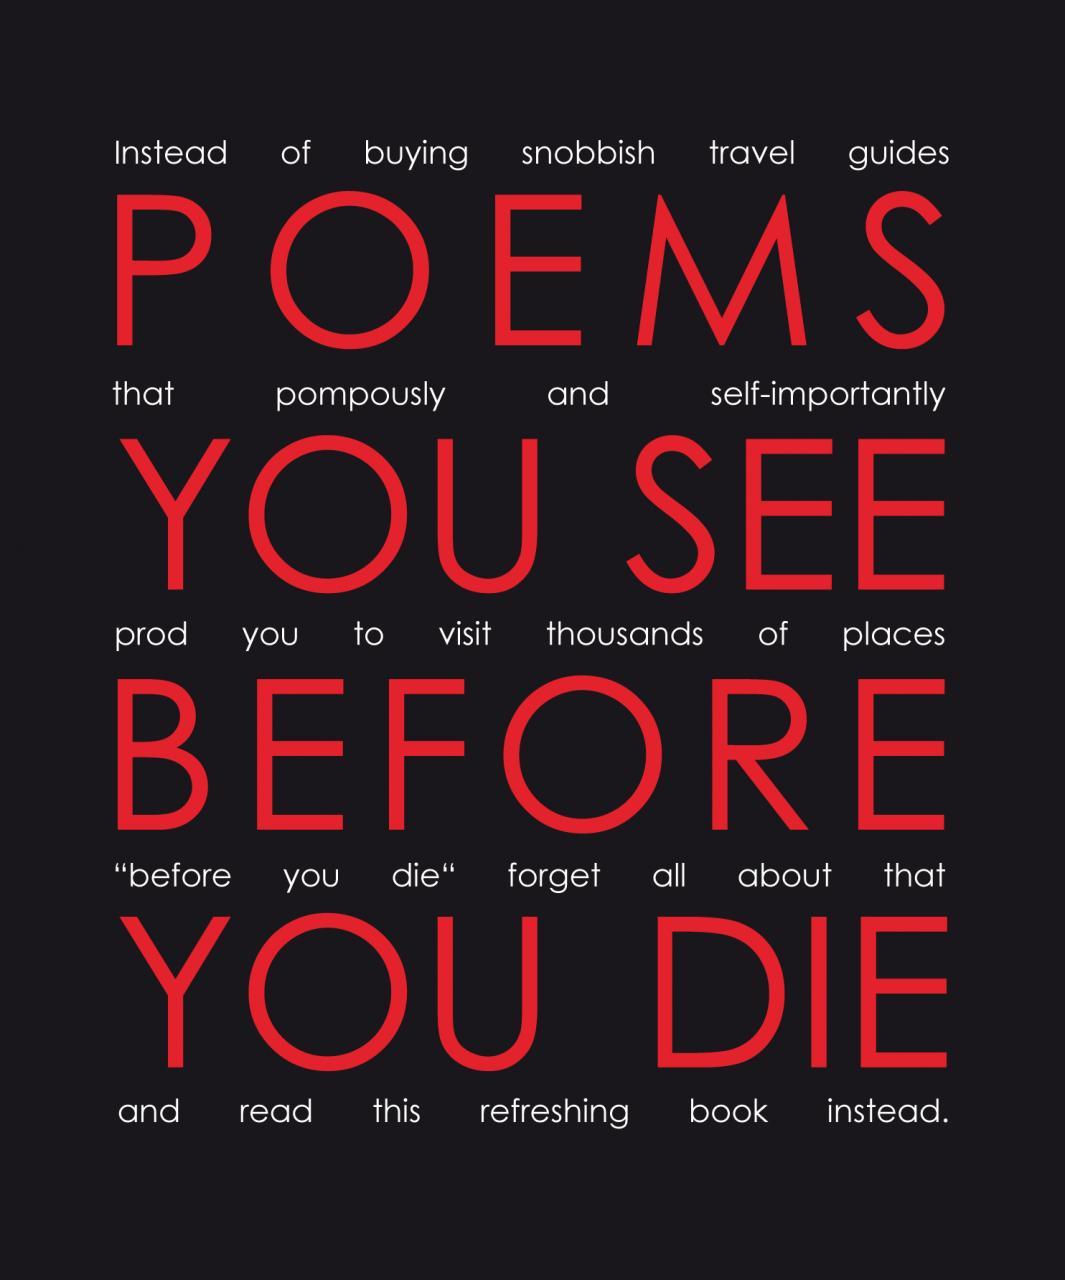 Lied Zitate Englisch Choice Image Besten Zitate Ideen Lied Zitate Englisch Image Collections Besten